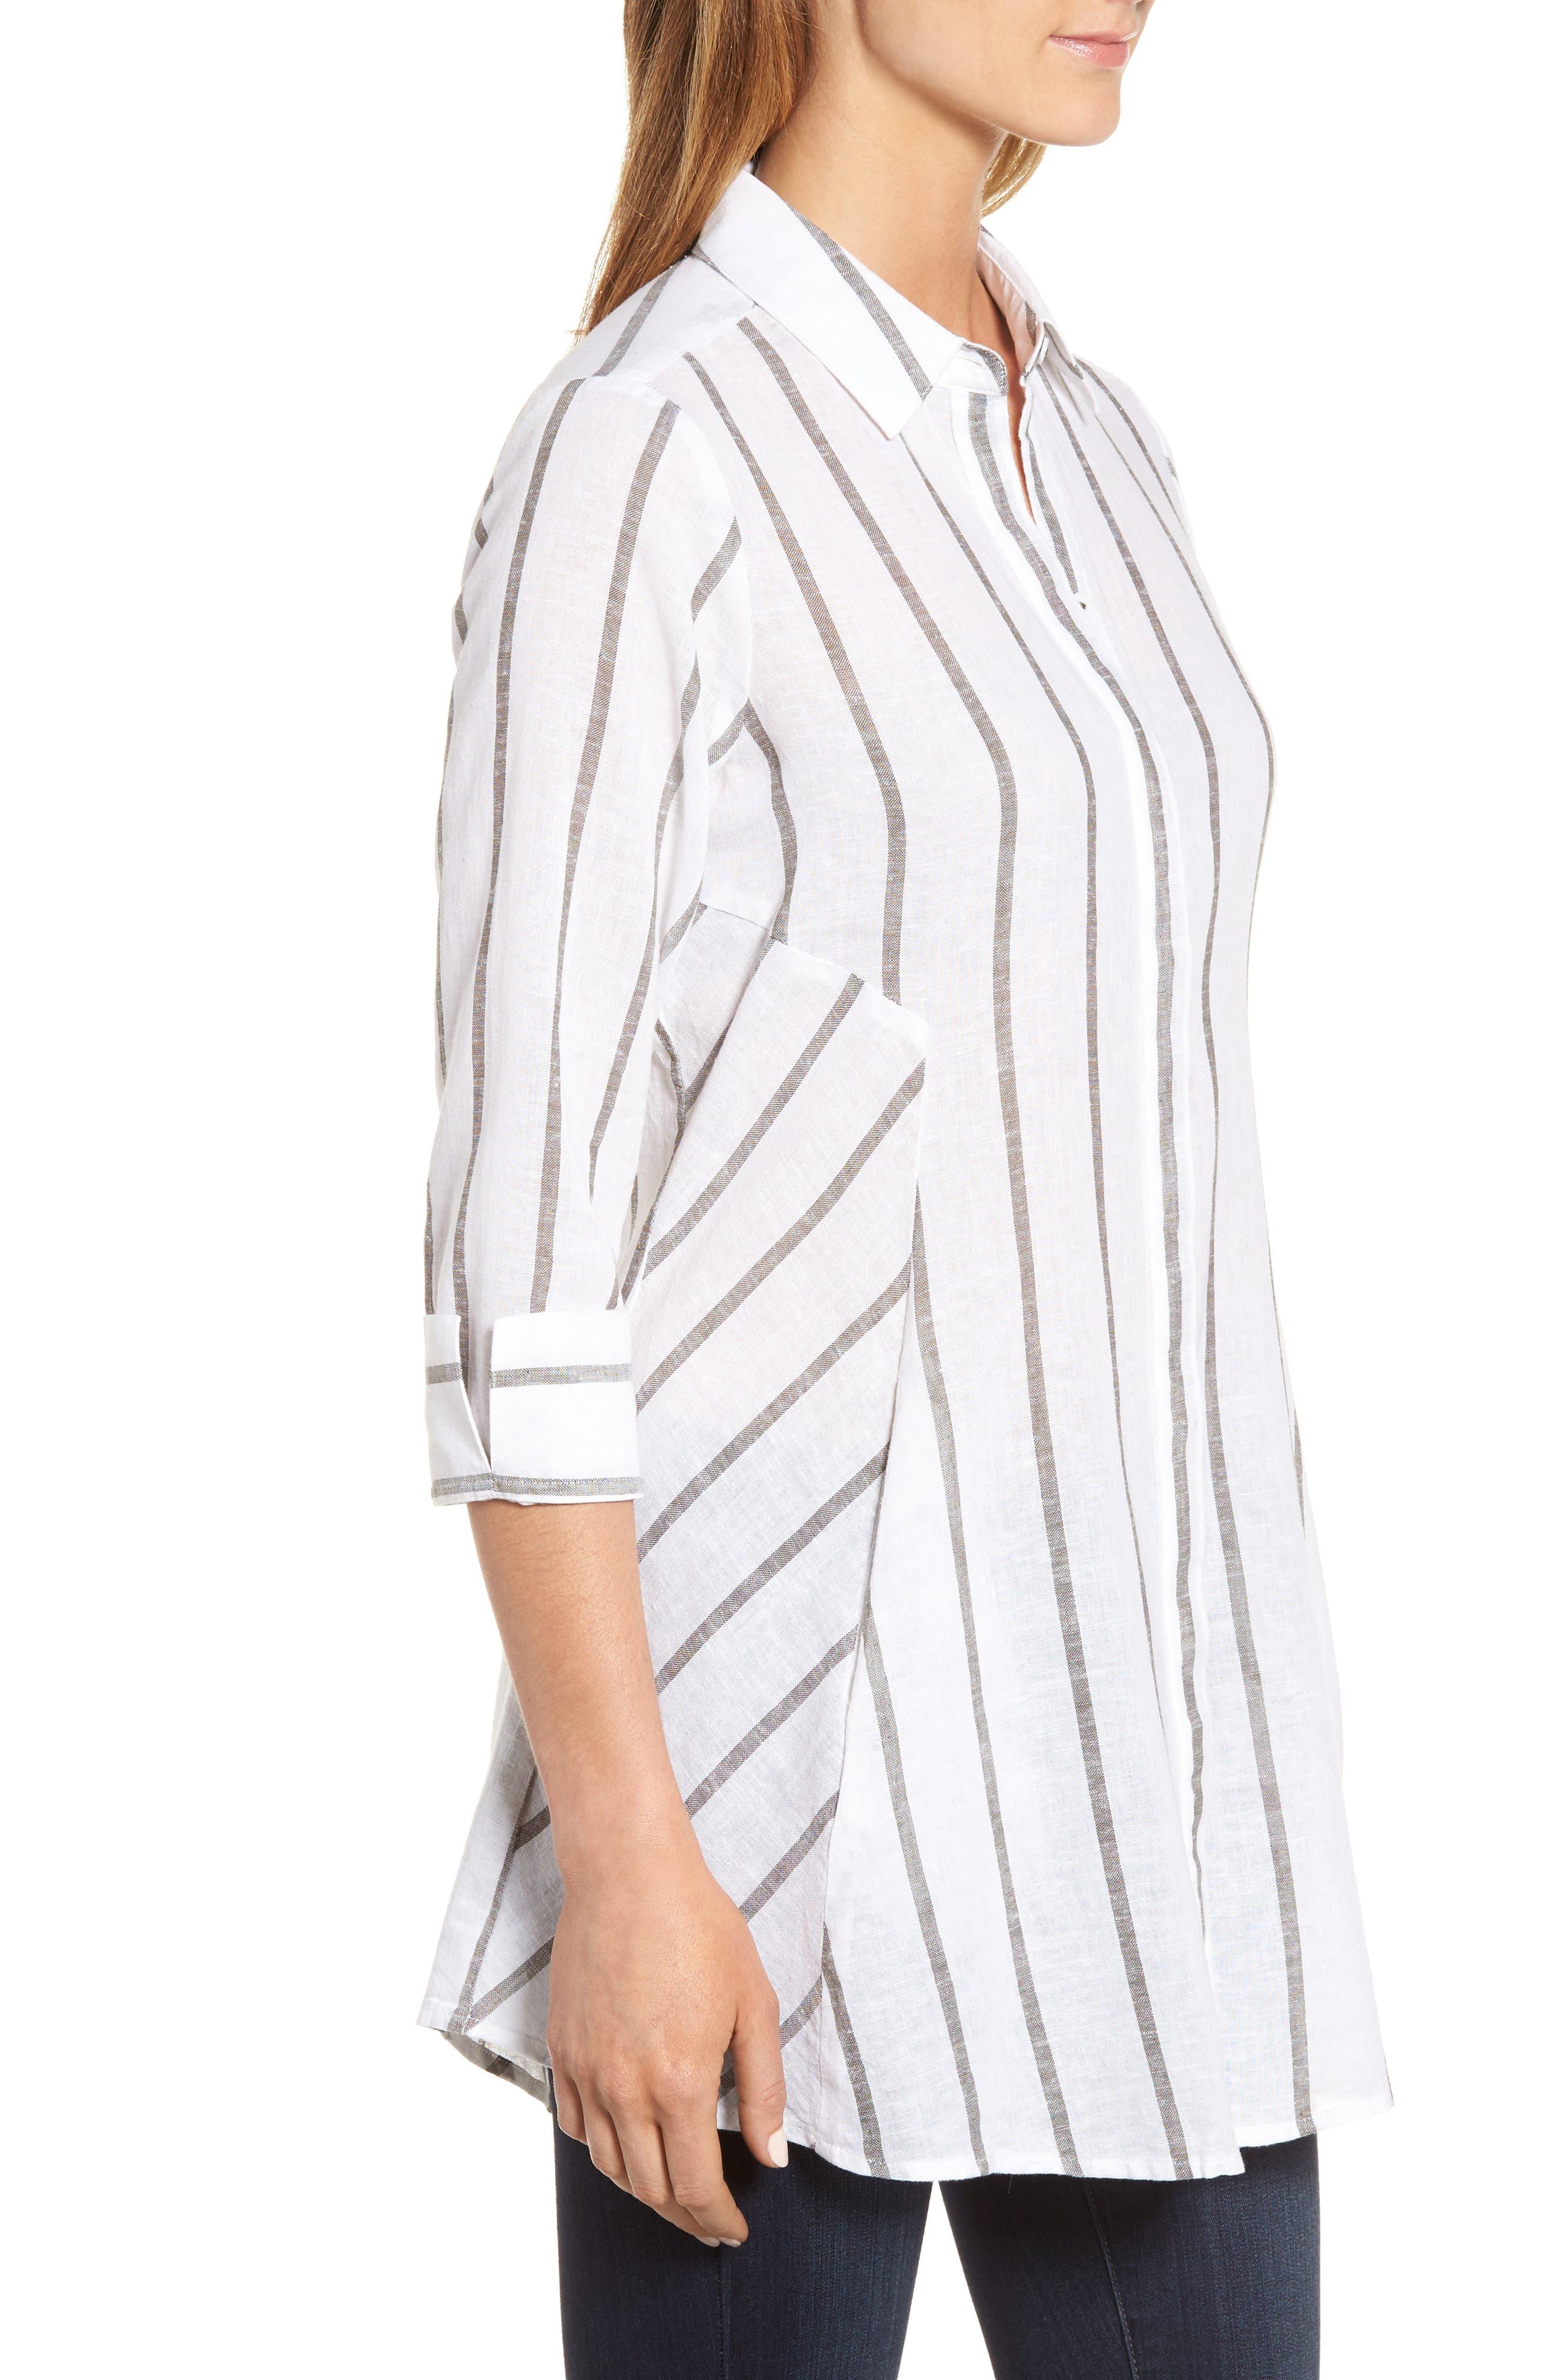 Stripe Tunic Shirt,                             Alternate thumbnail 3, color,                             White/ Olive